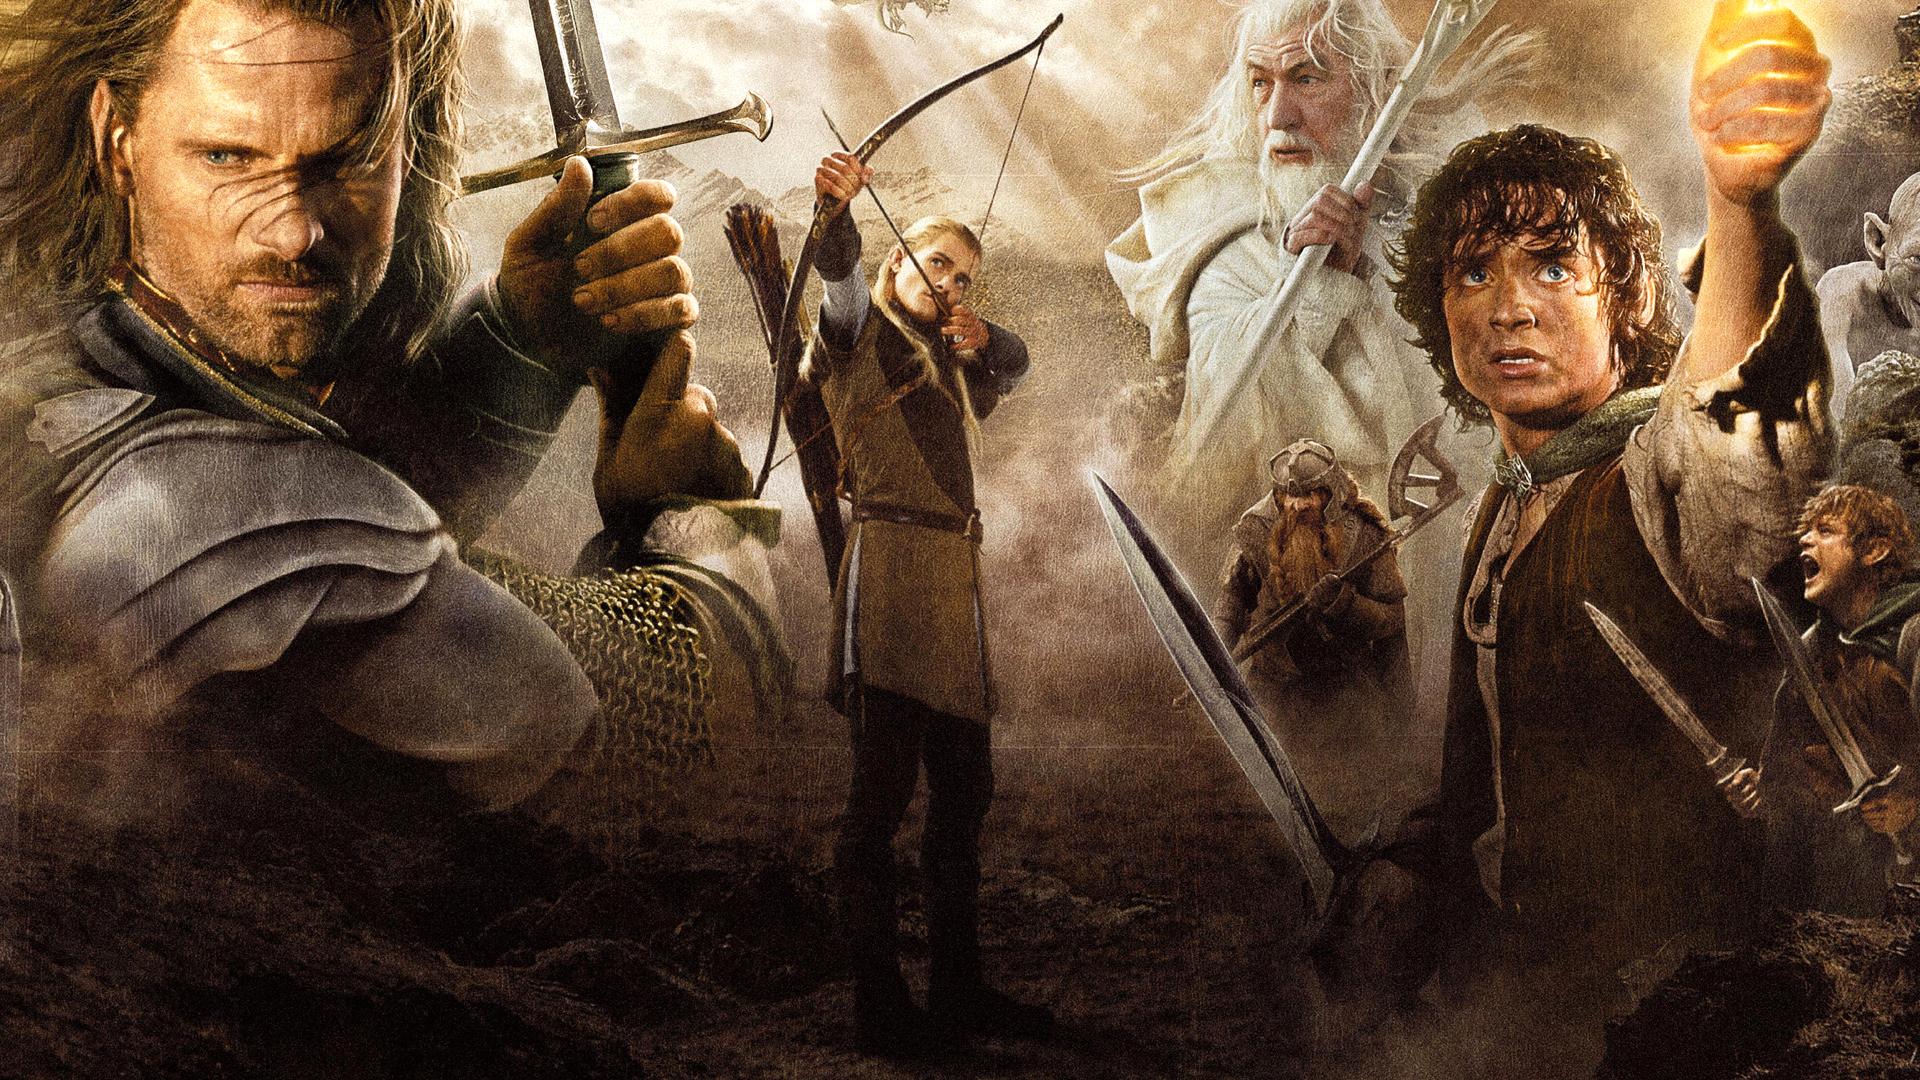 魔戒3 王者归来图片